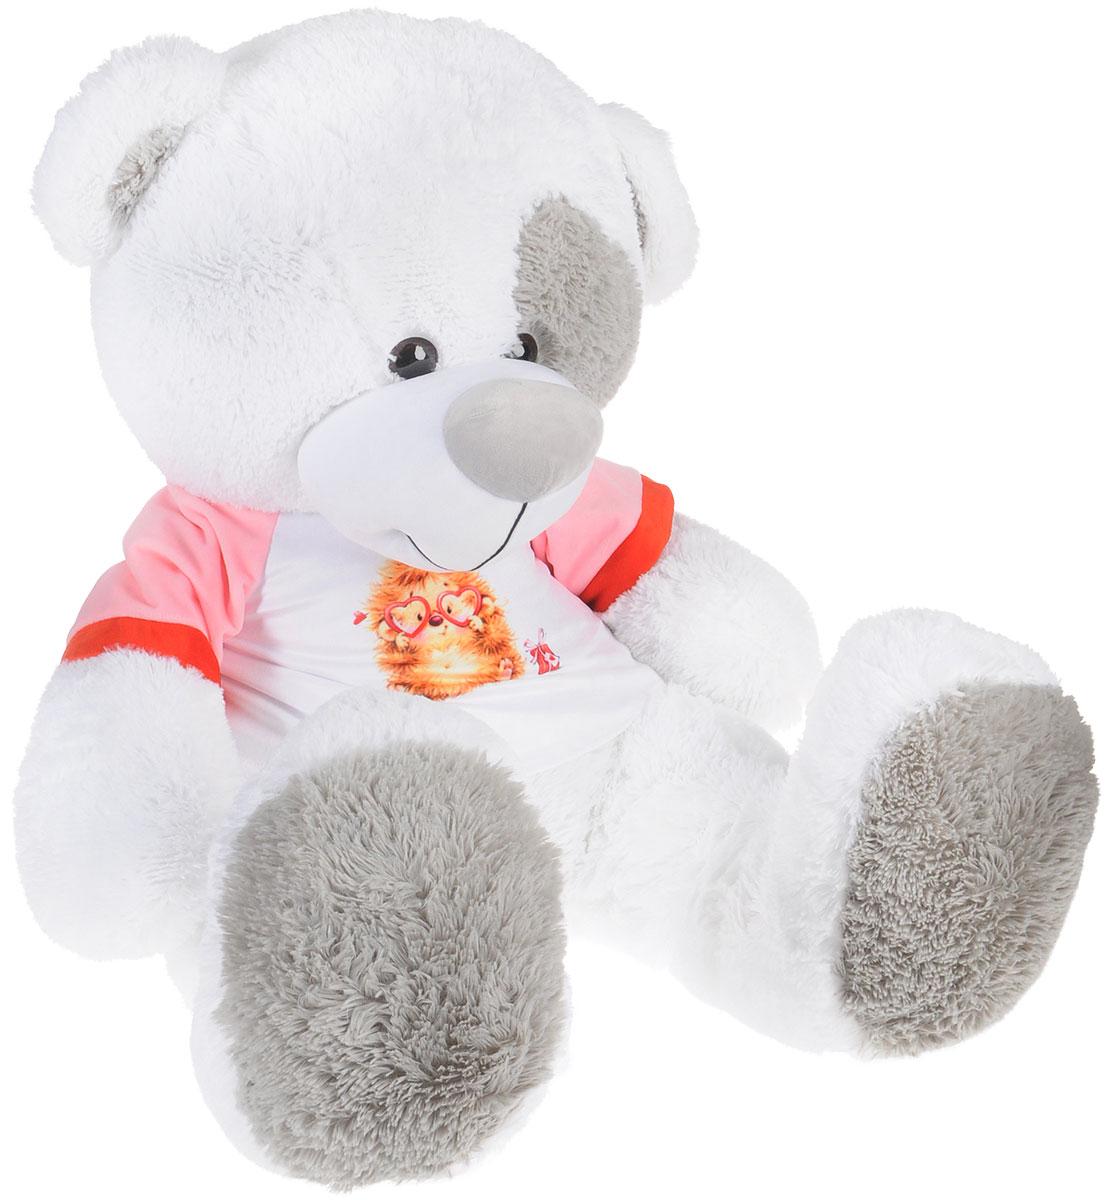 СмолТойс Мягкая игрушка Медвежонок Тишка 75 см мягкая игрушка смолтойс медвежонок тедди коричневый 30 см